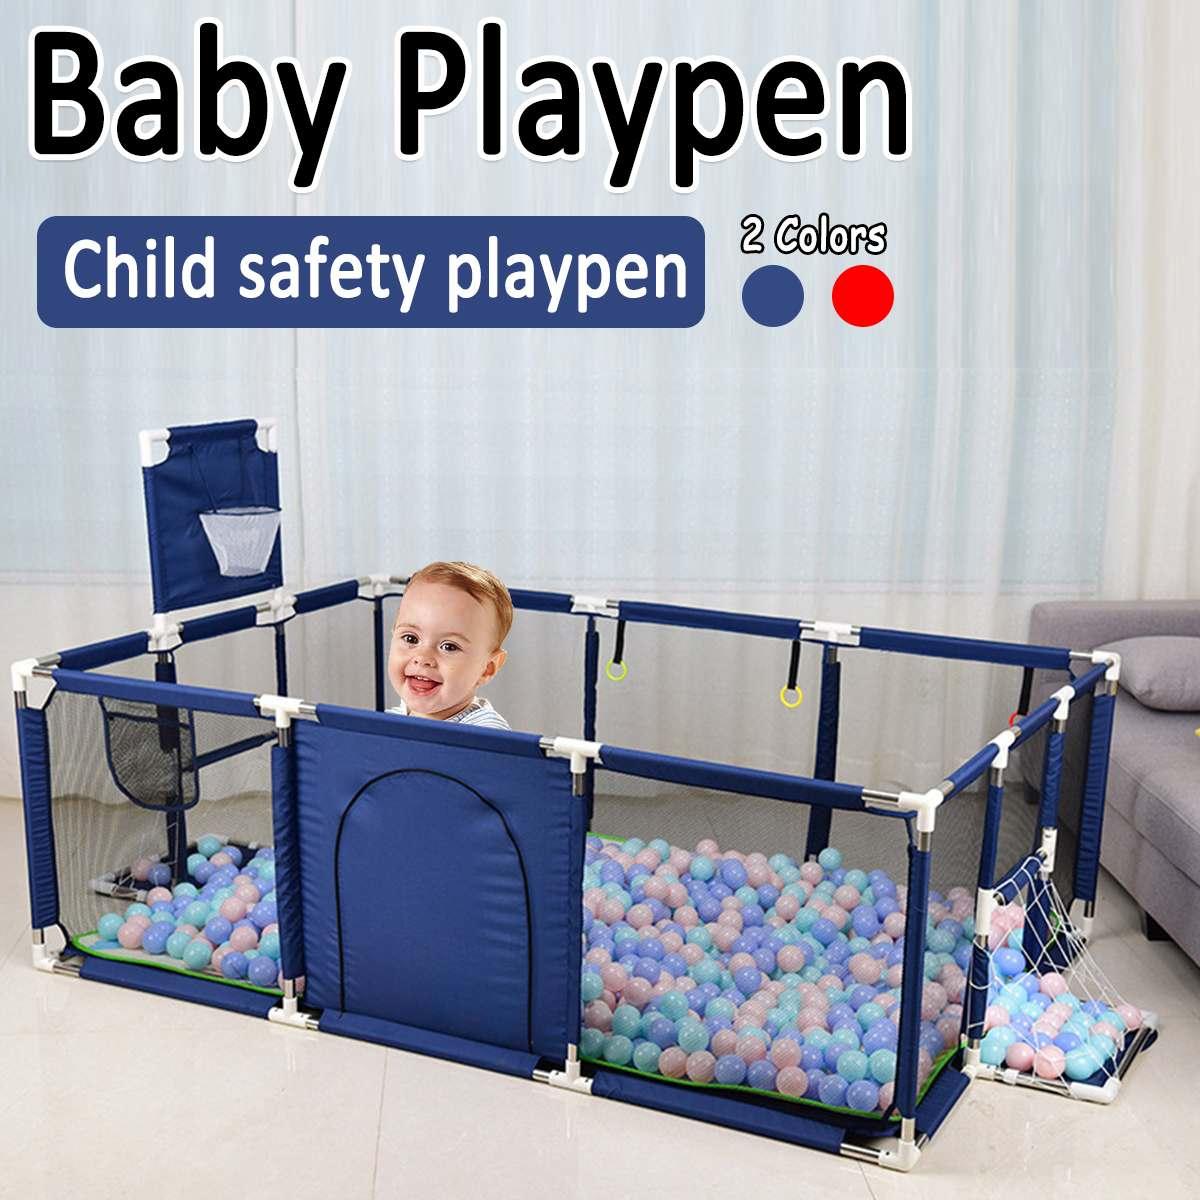 تجمع كرات البلياردو للأطفال حديثي الولادة ، وسياج لعب للأطفال ، وحاجز أمان للأطفال